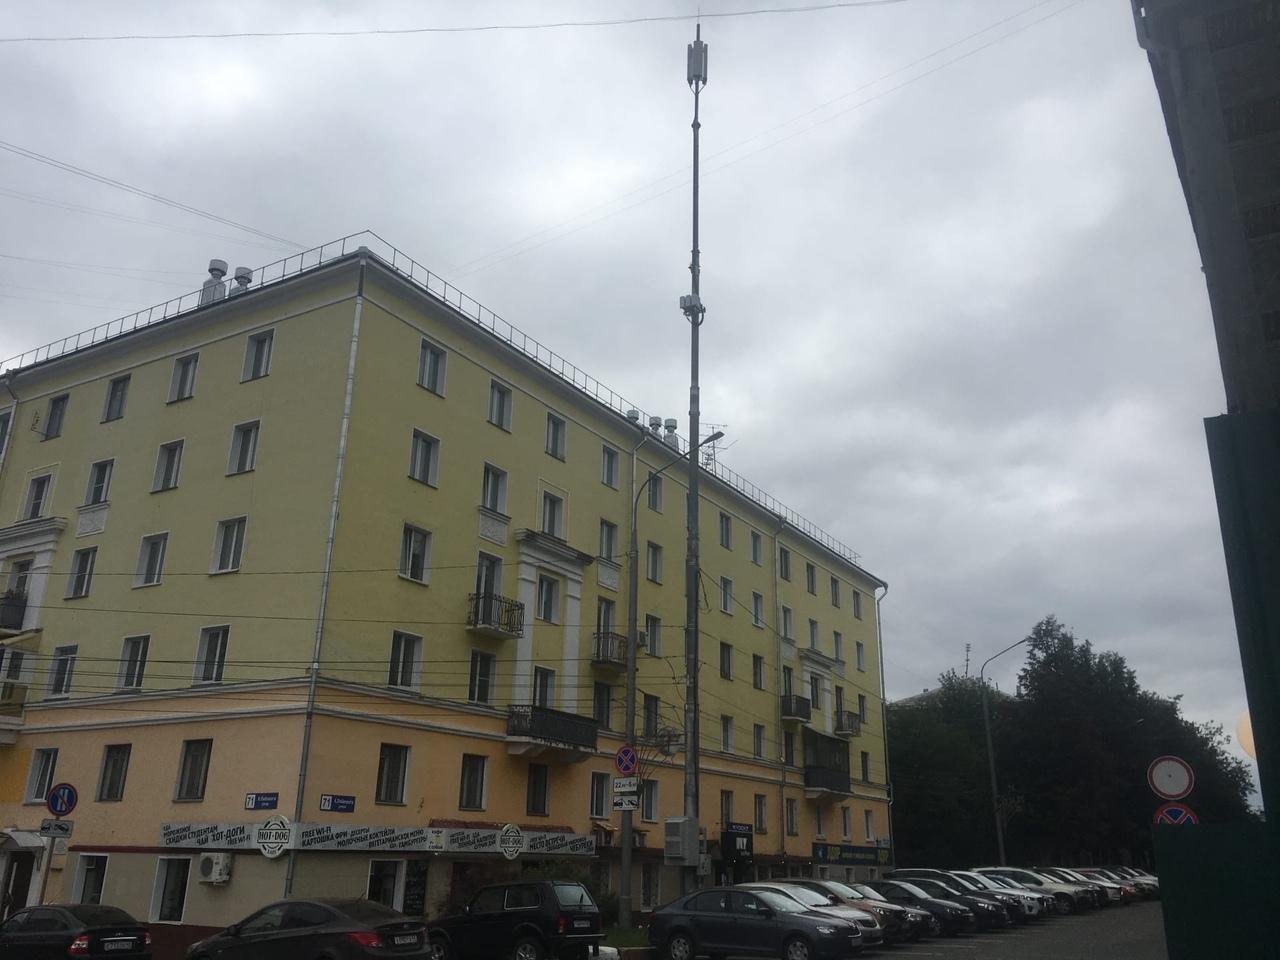 Радиофобия в Кирове: кировчане стали в 6 раз чаще жаловаться на сотовые вышки